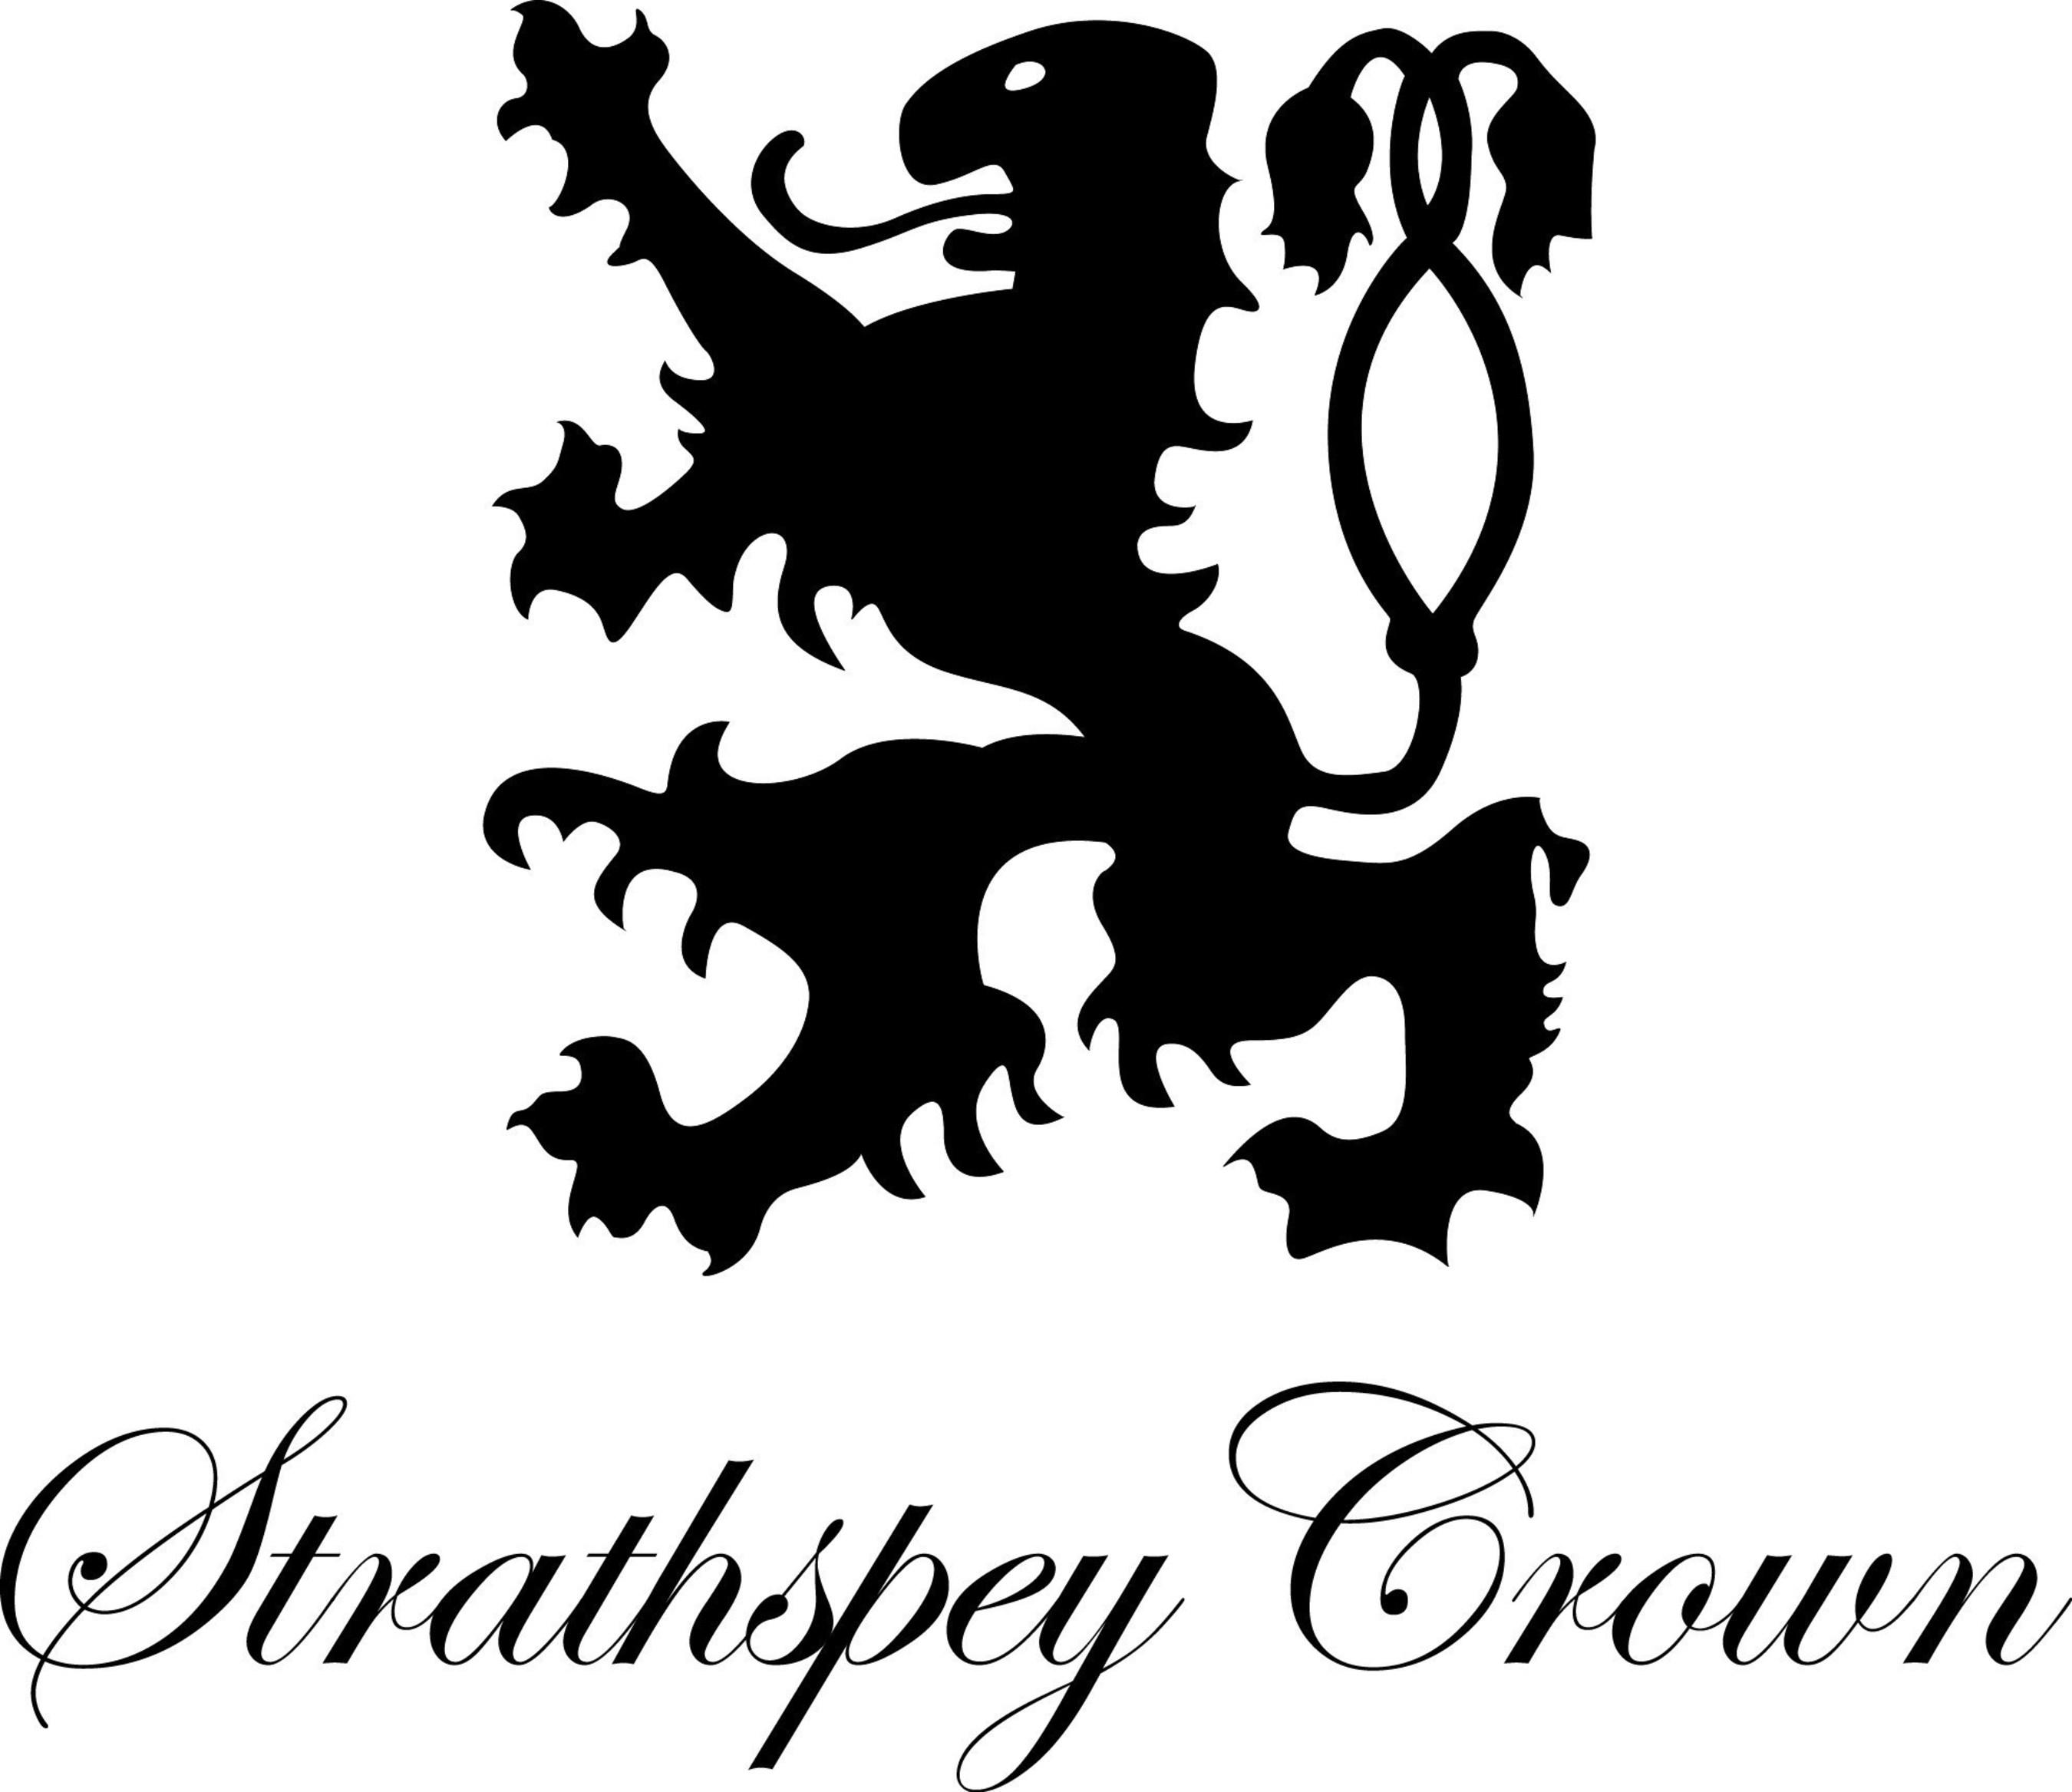 Strathspey Crown va acheter un distributeur d'équipement ophtalmologique en Espagne et au Portugal,